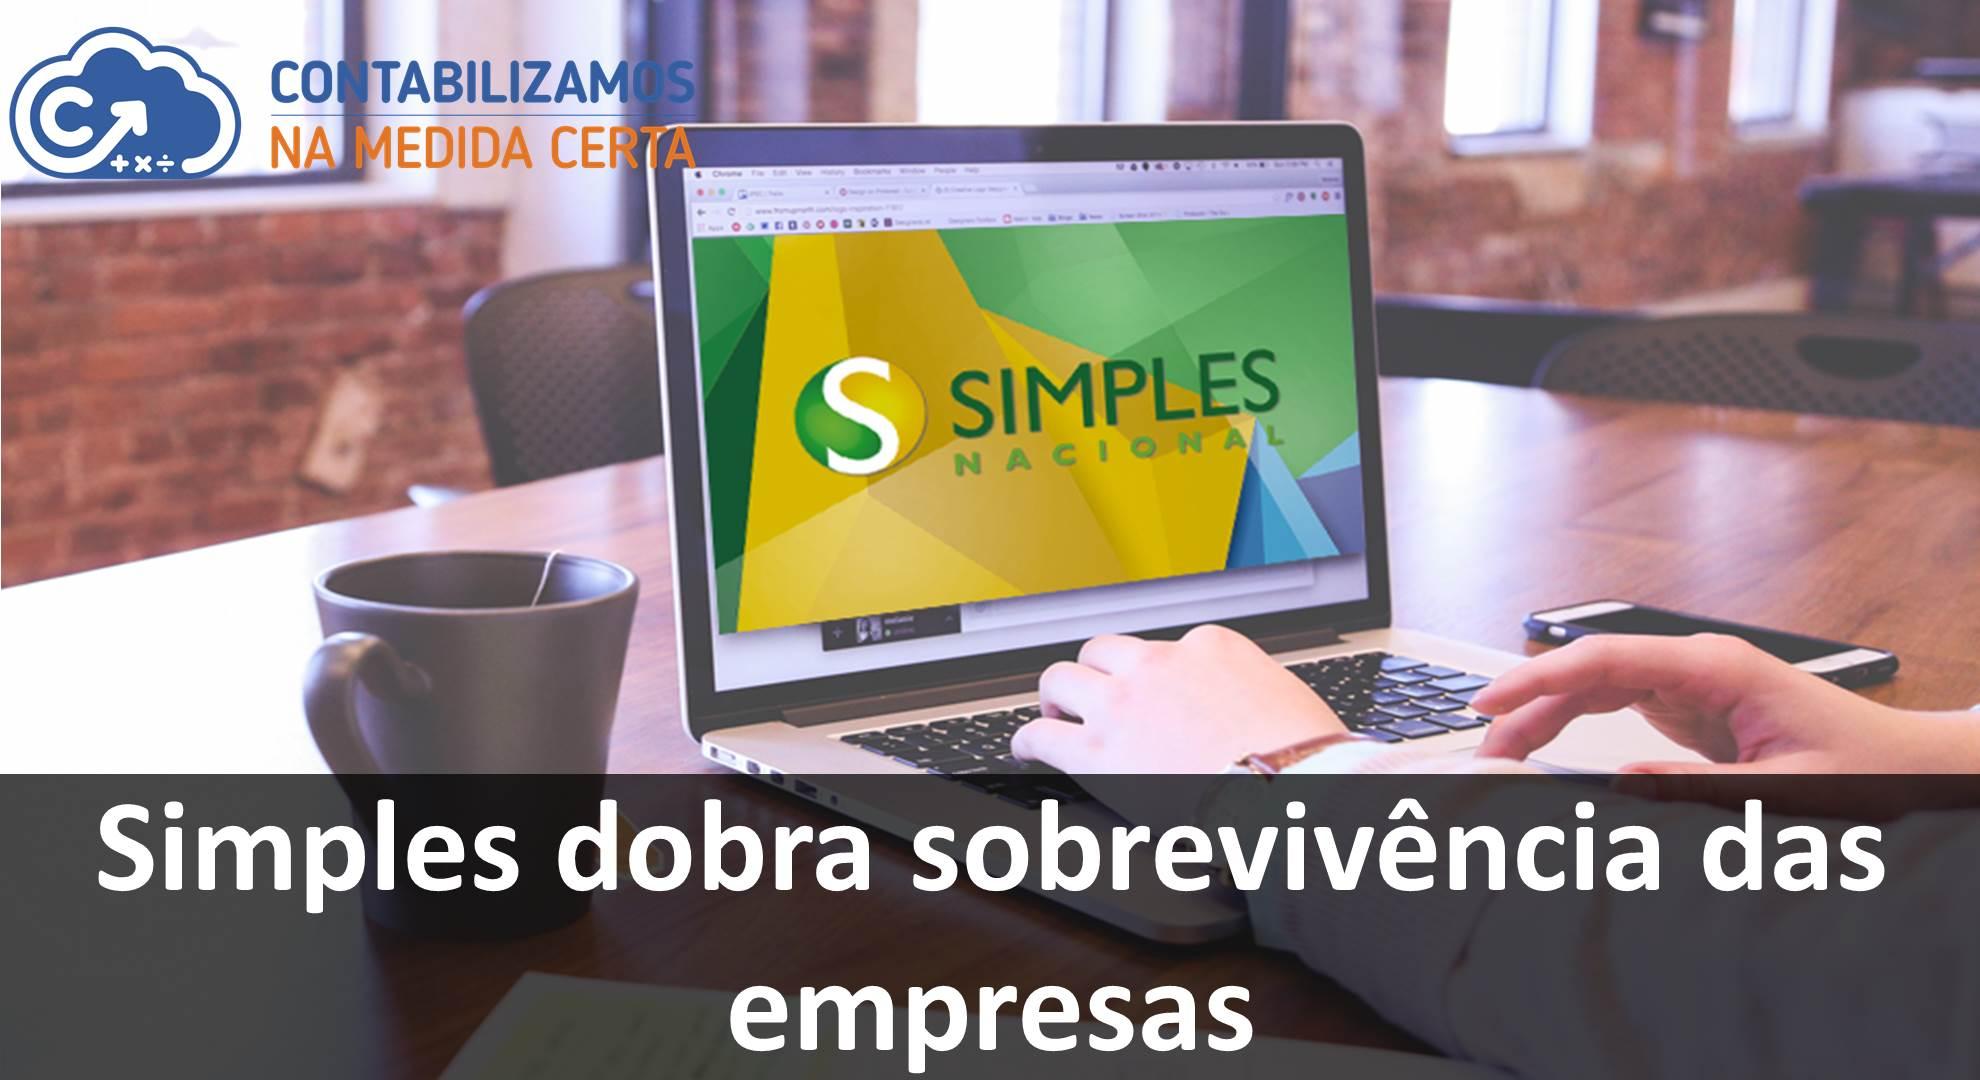 Simples Dobra Sobrevivência Das Empresas